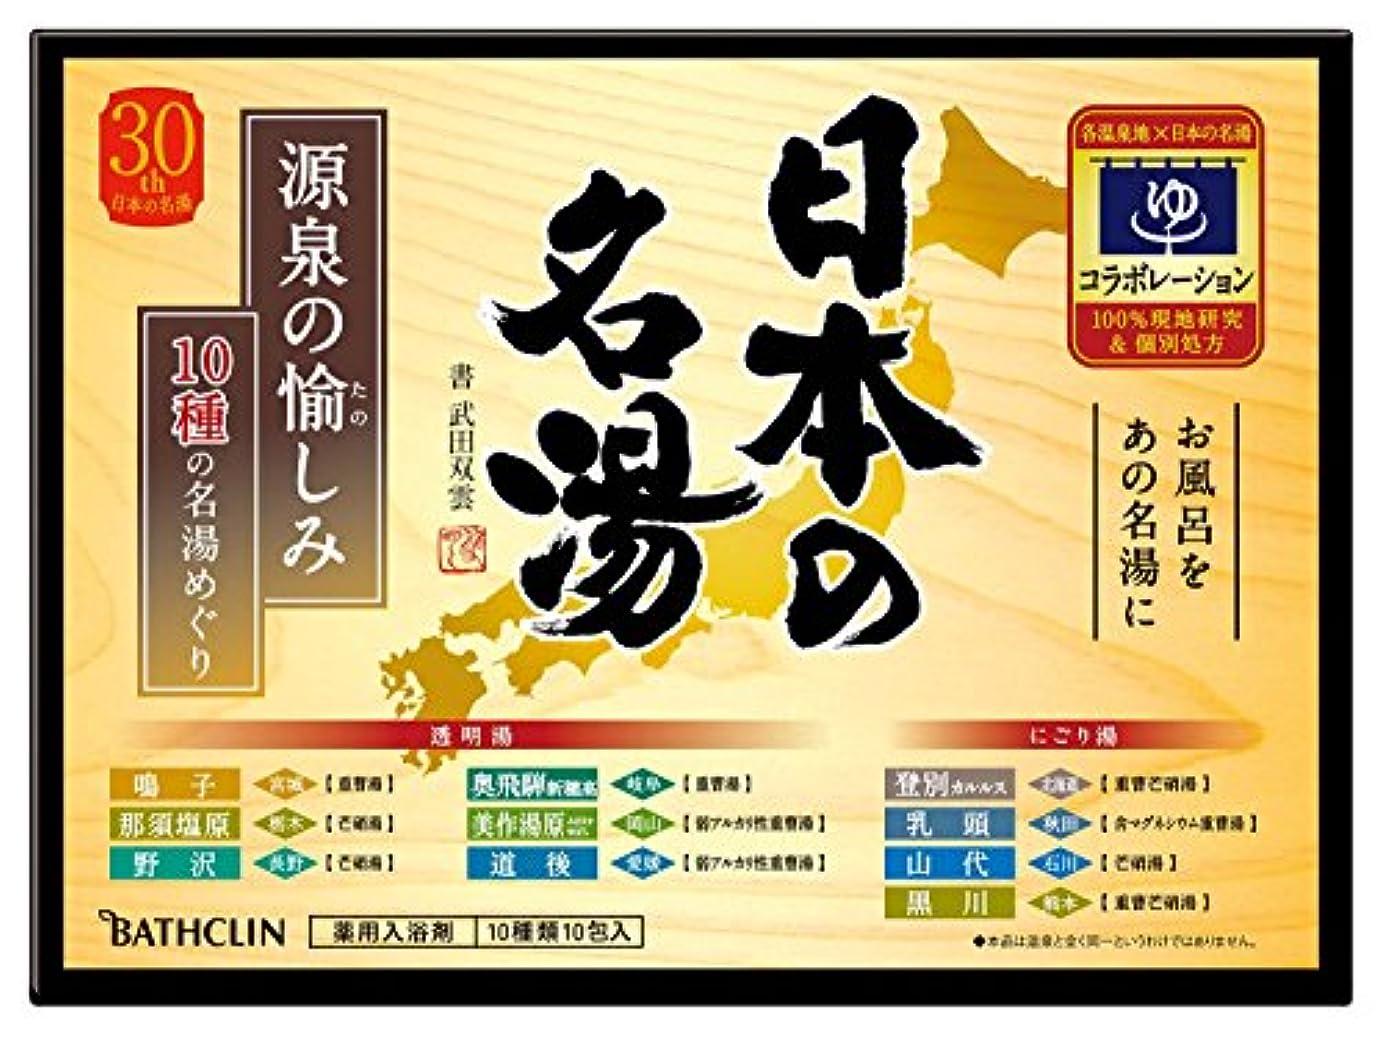 コークス知覚するブロックする日本の名湯 源泉の愉しみ 30g 10包入り 入浴剤 (医薬部外品)